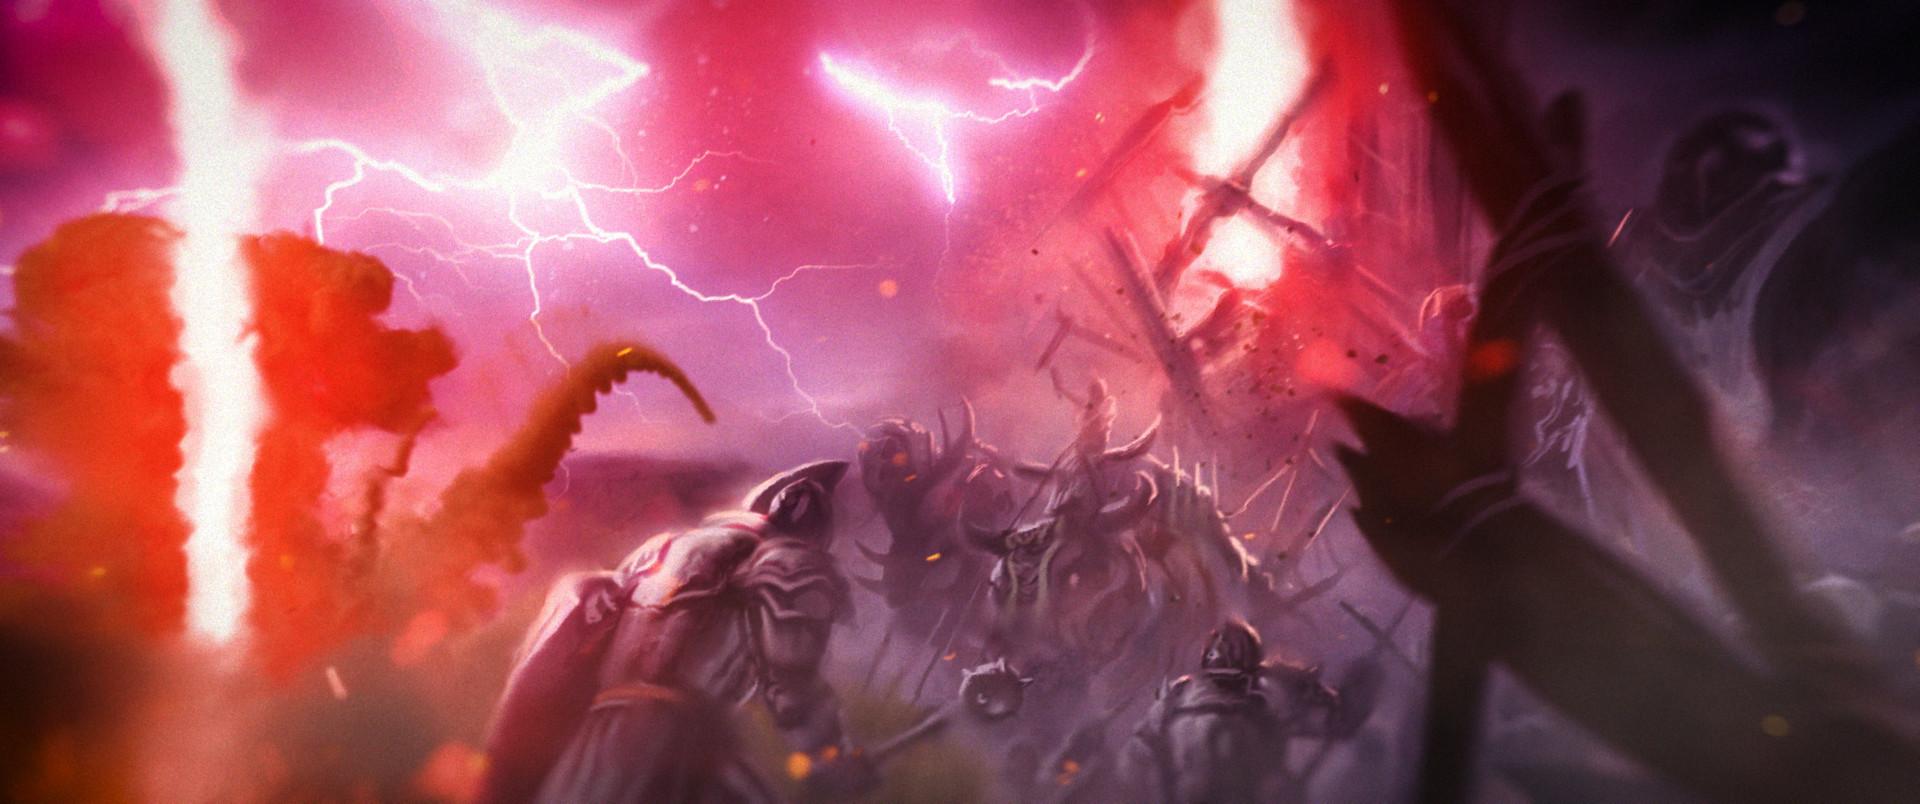 Joshua ezzell war of wars panel1 0 00 01 12